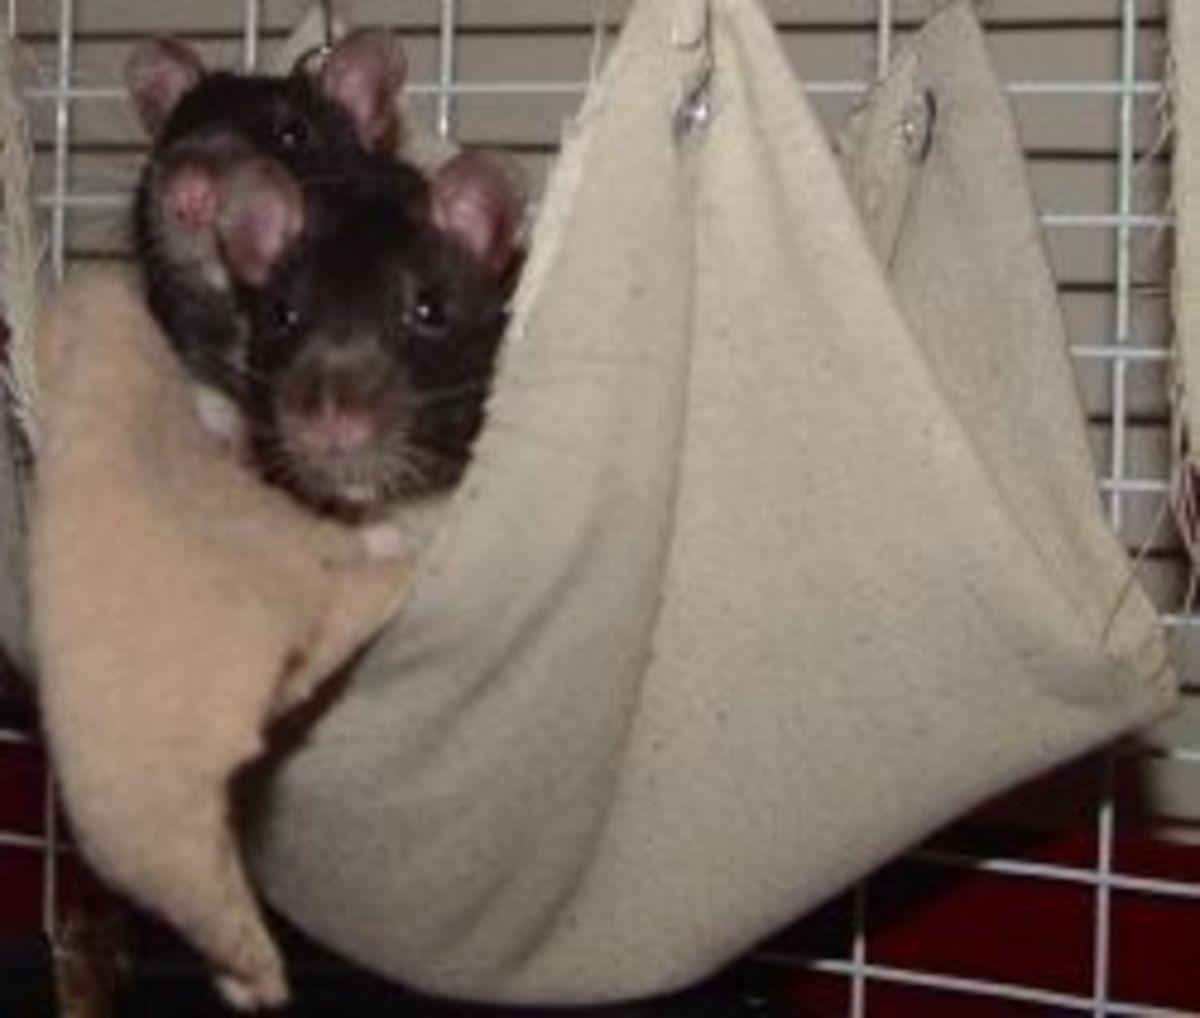 rat-in-the-toilet